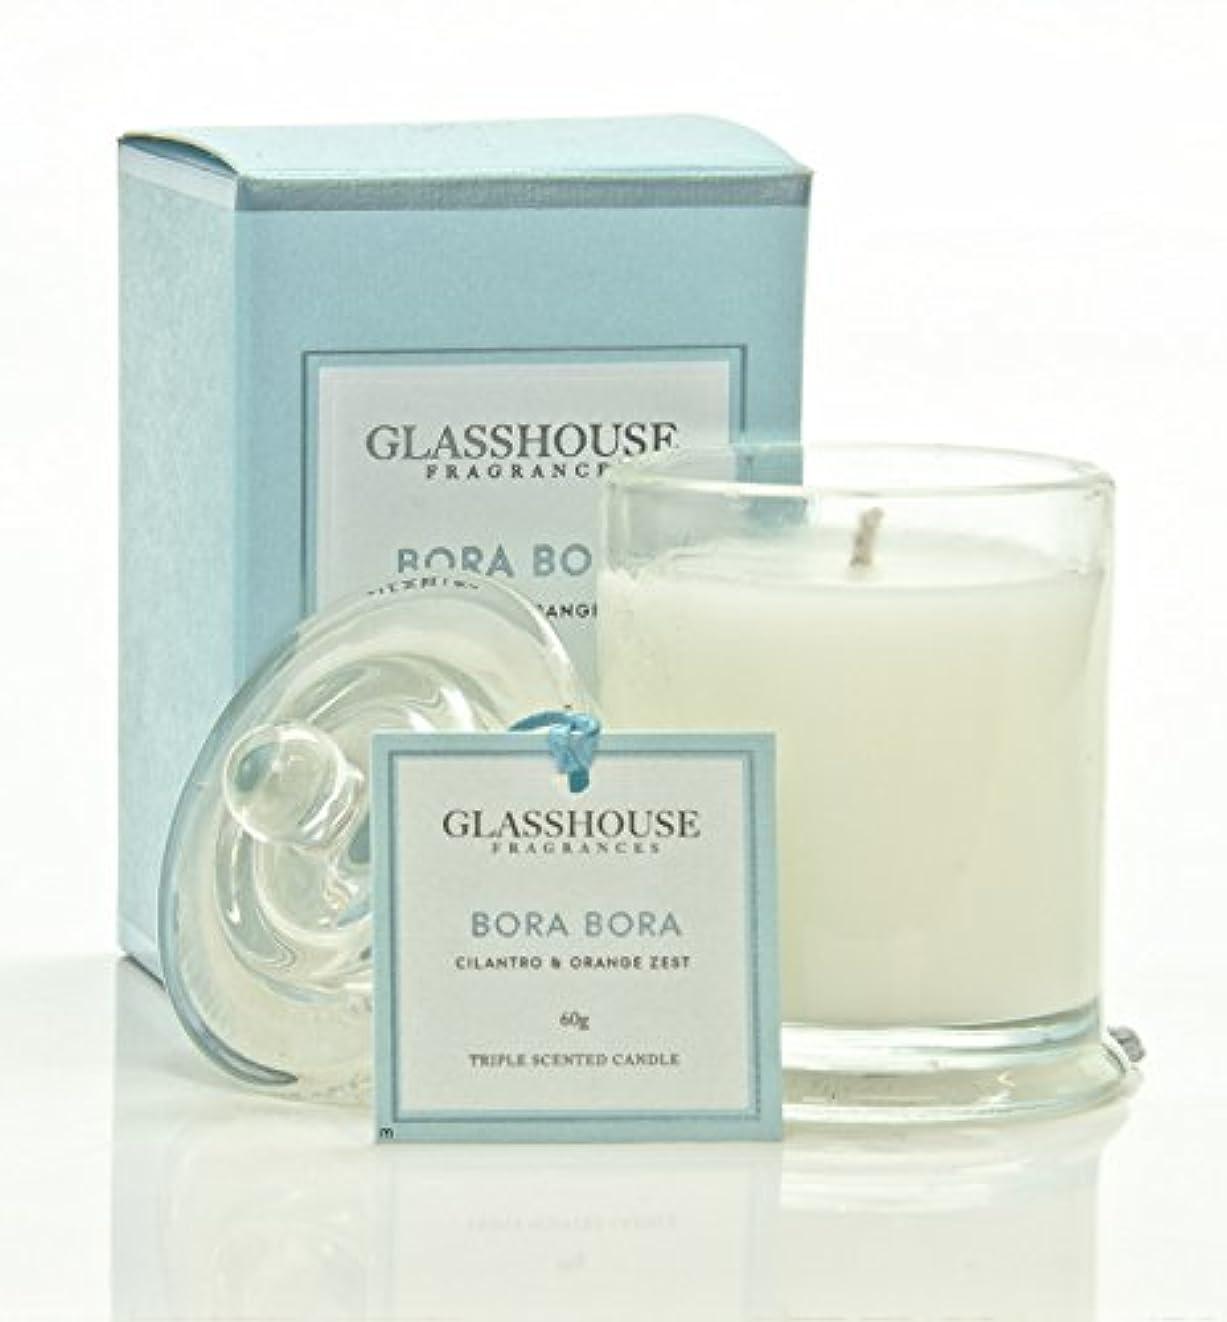 脆い忘れられない策定するグラスハウス-GLASSHOUSE- キャンドル アロマキャンドルラージ#ボラボラ 350g [並行輸入品]